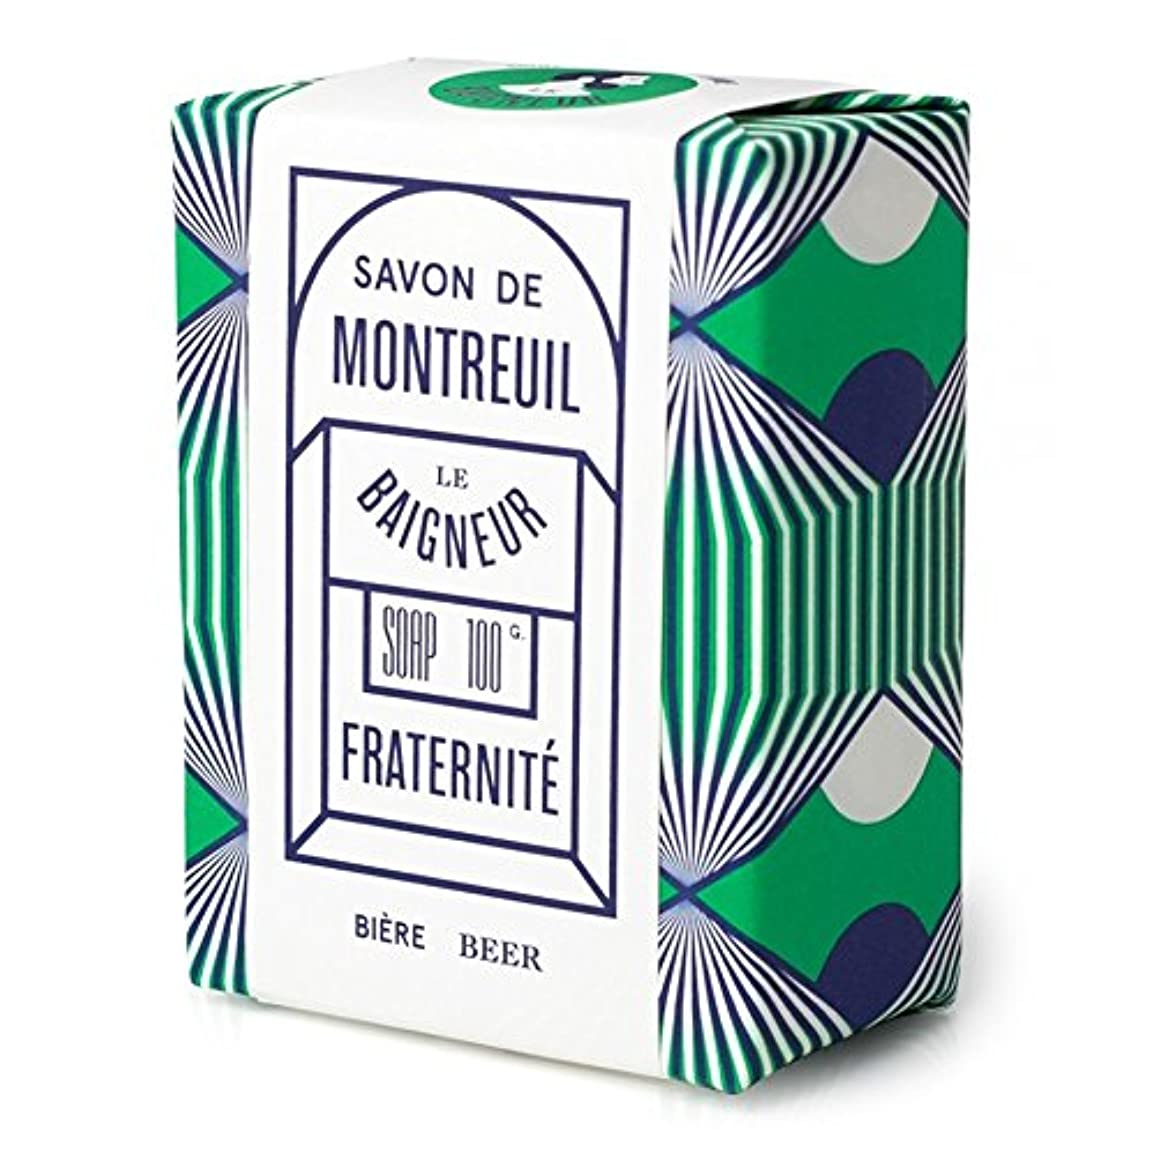 ピルファーによると入手しますル 石鹸100グラム x4 - Le Baigneur Fraternite Soap 100g (Pack of 4) [並行輸入品]